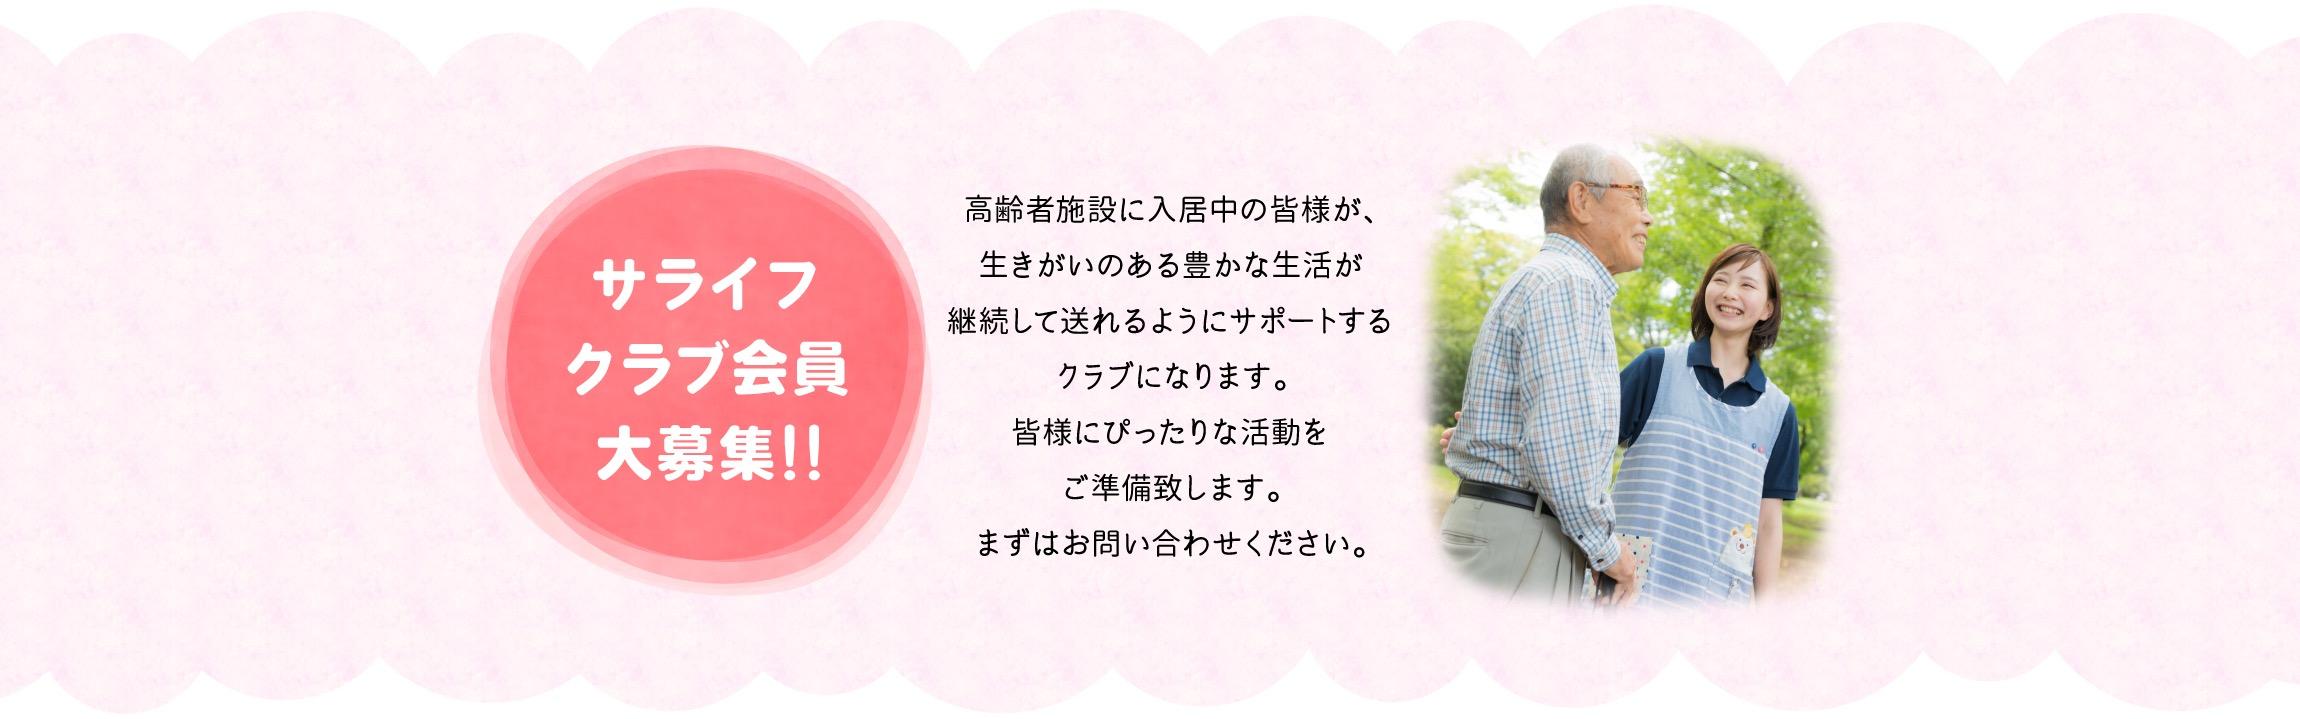 岡山の家事代行・高齢者支援サービスサライフクラブの募集